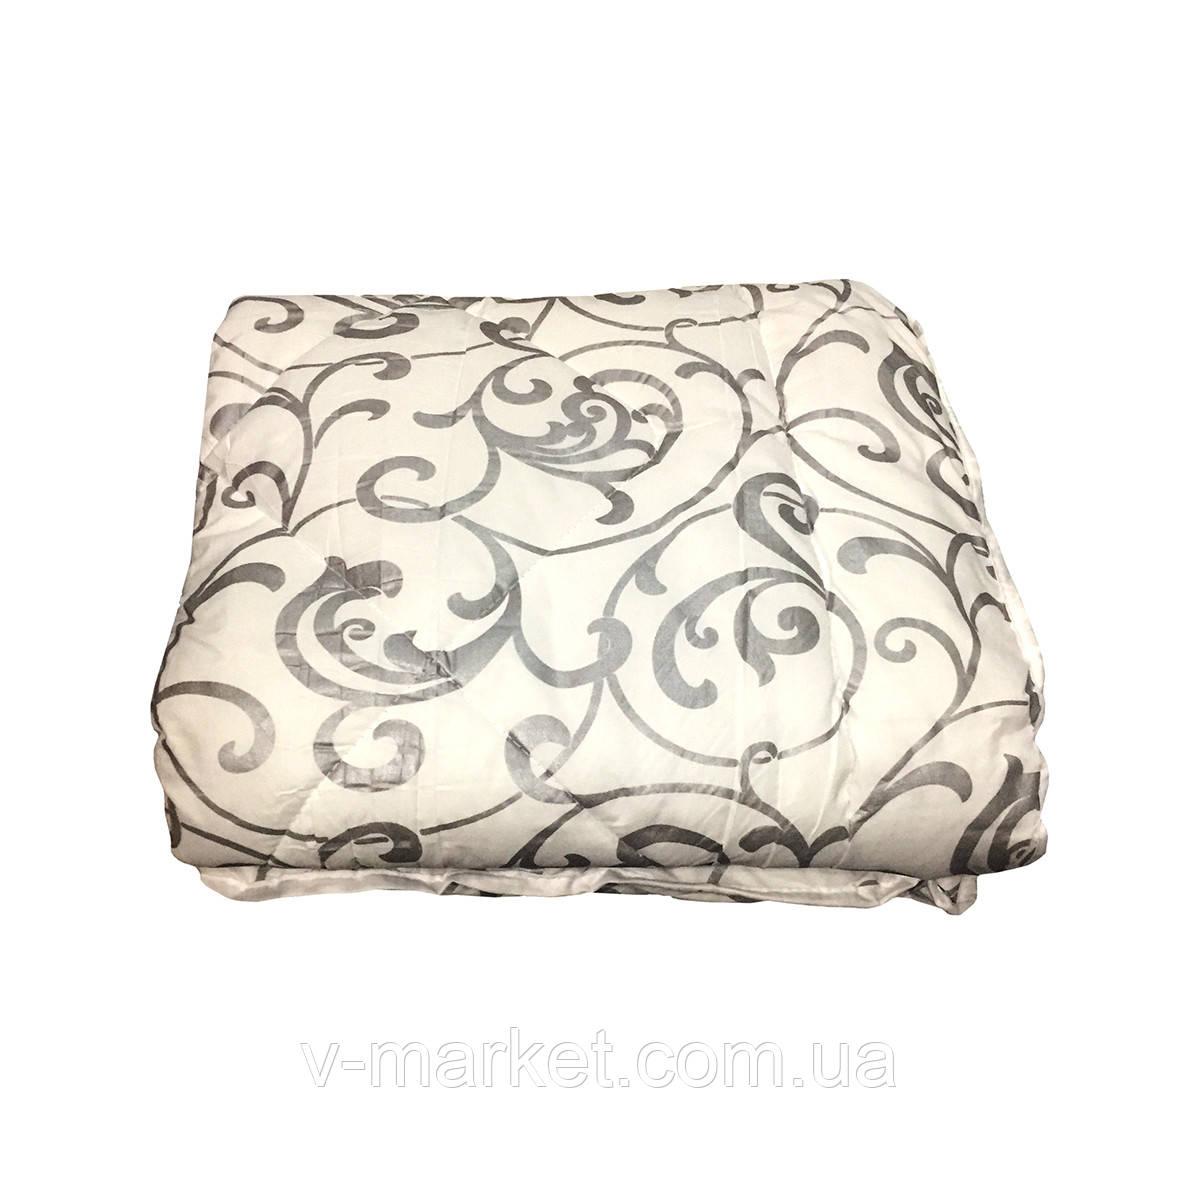 Одеяло детское в кроватку бамбук , 110/140 см, хлопок